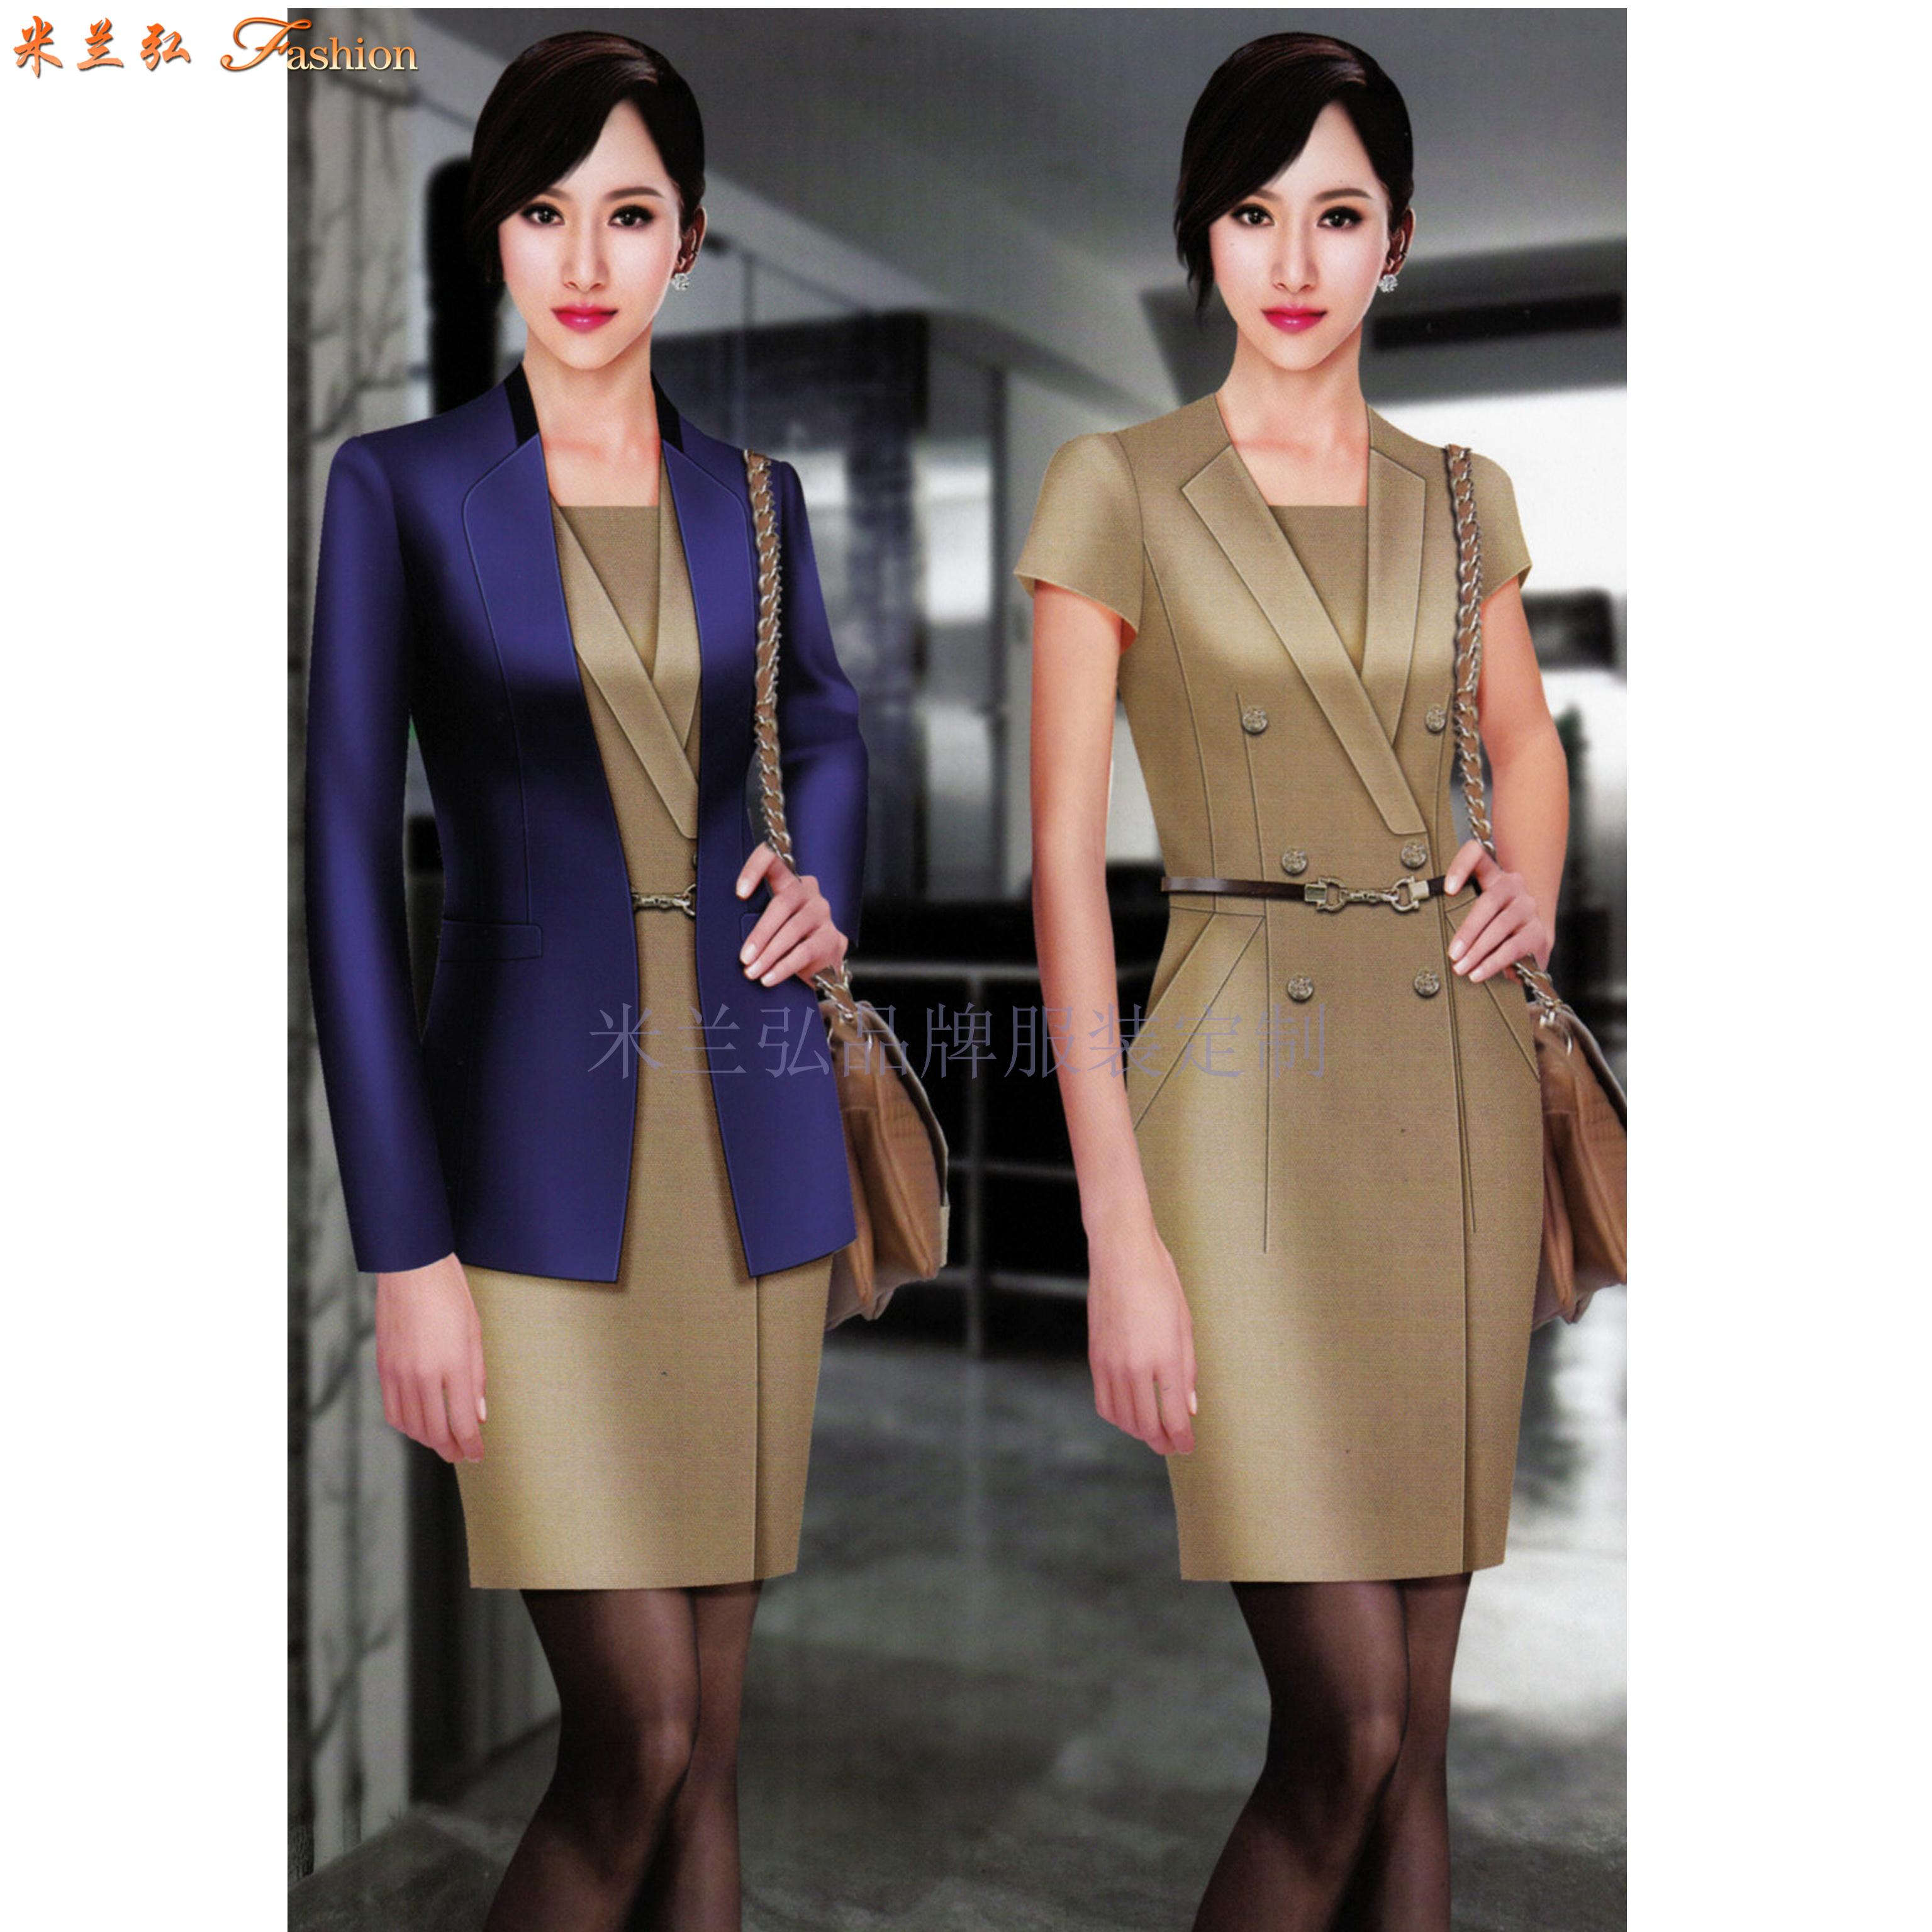 北京高端职业装定制品牌-米兰弘公司设计制作职业装新款女装图片-2